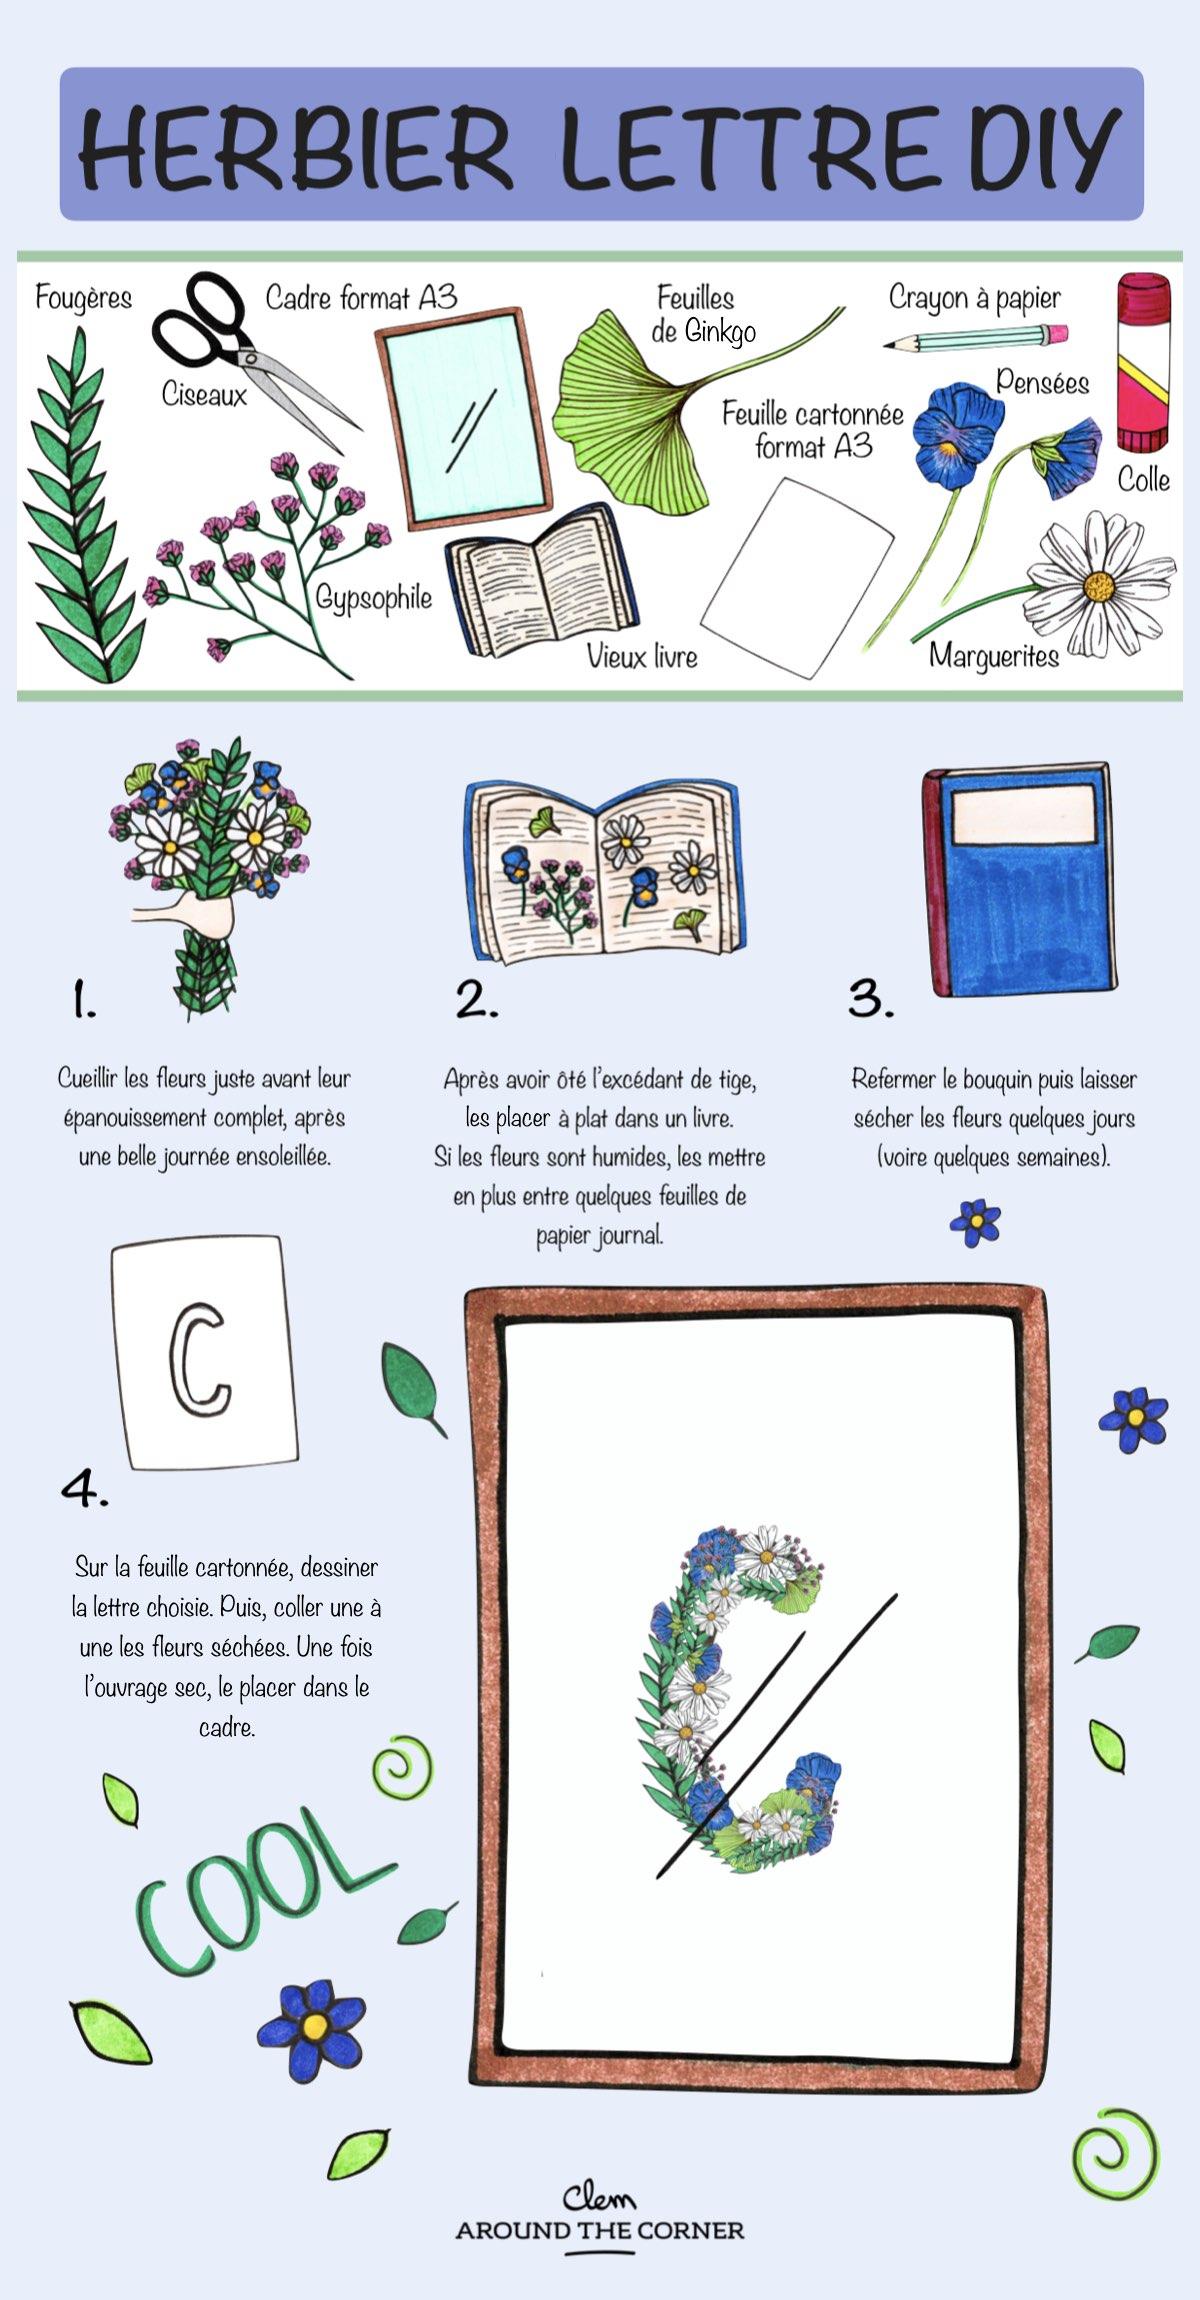 fleurs séchées diy herbier lettre - blog déco - clem around the corner